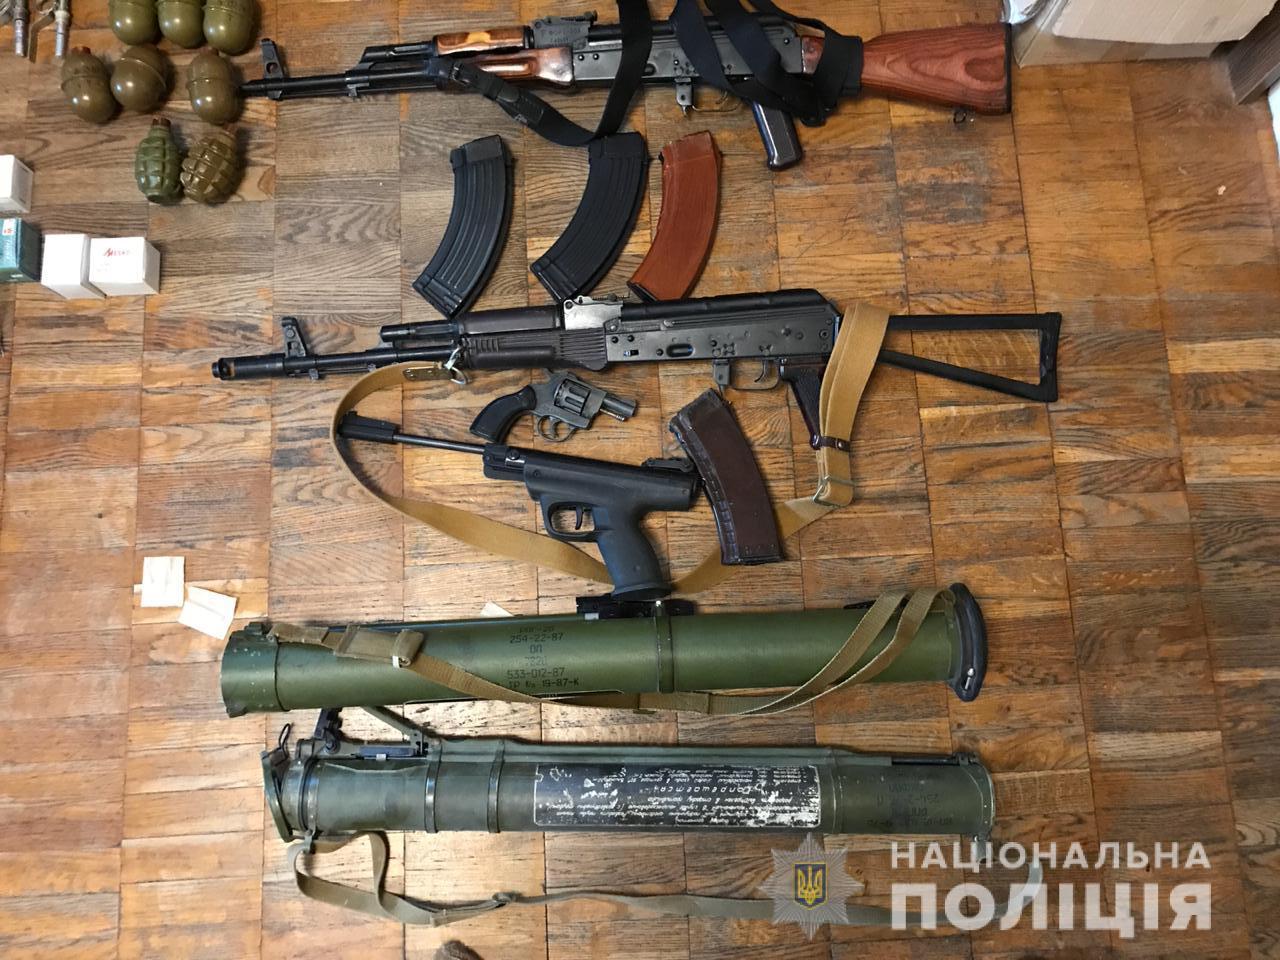 Цілий арсенал: на Київщині затримали збувача вогнепальної зброї -  - kyyivzbroya4